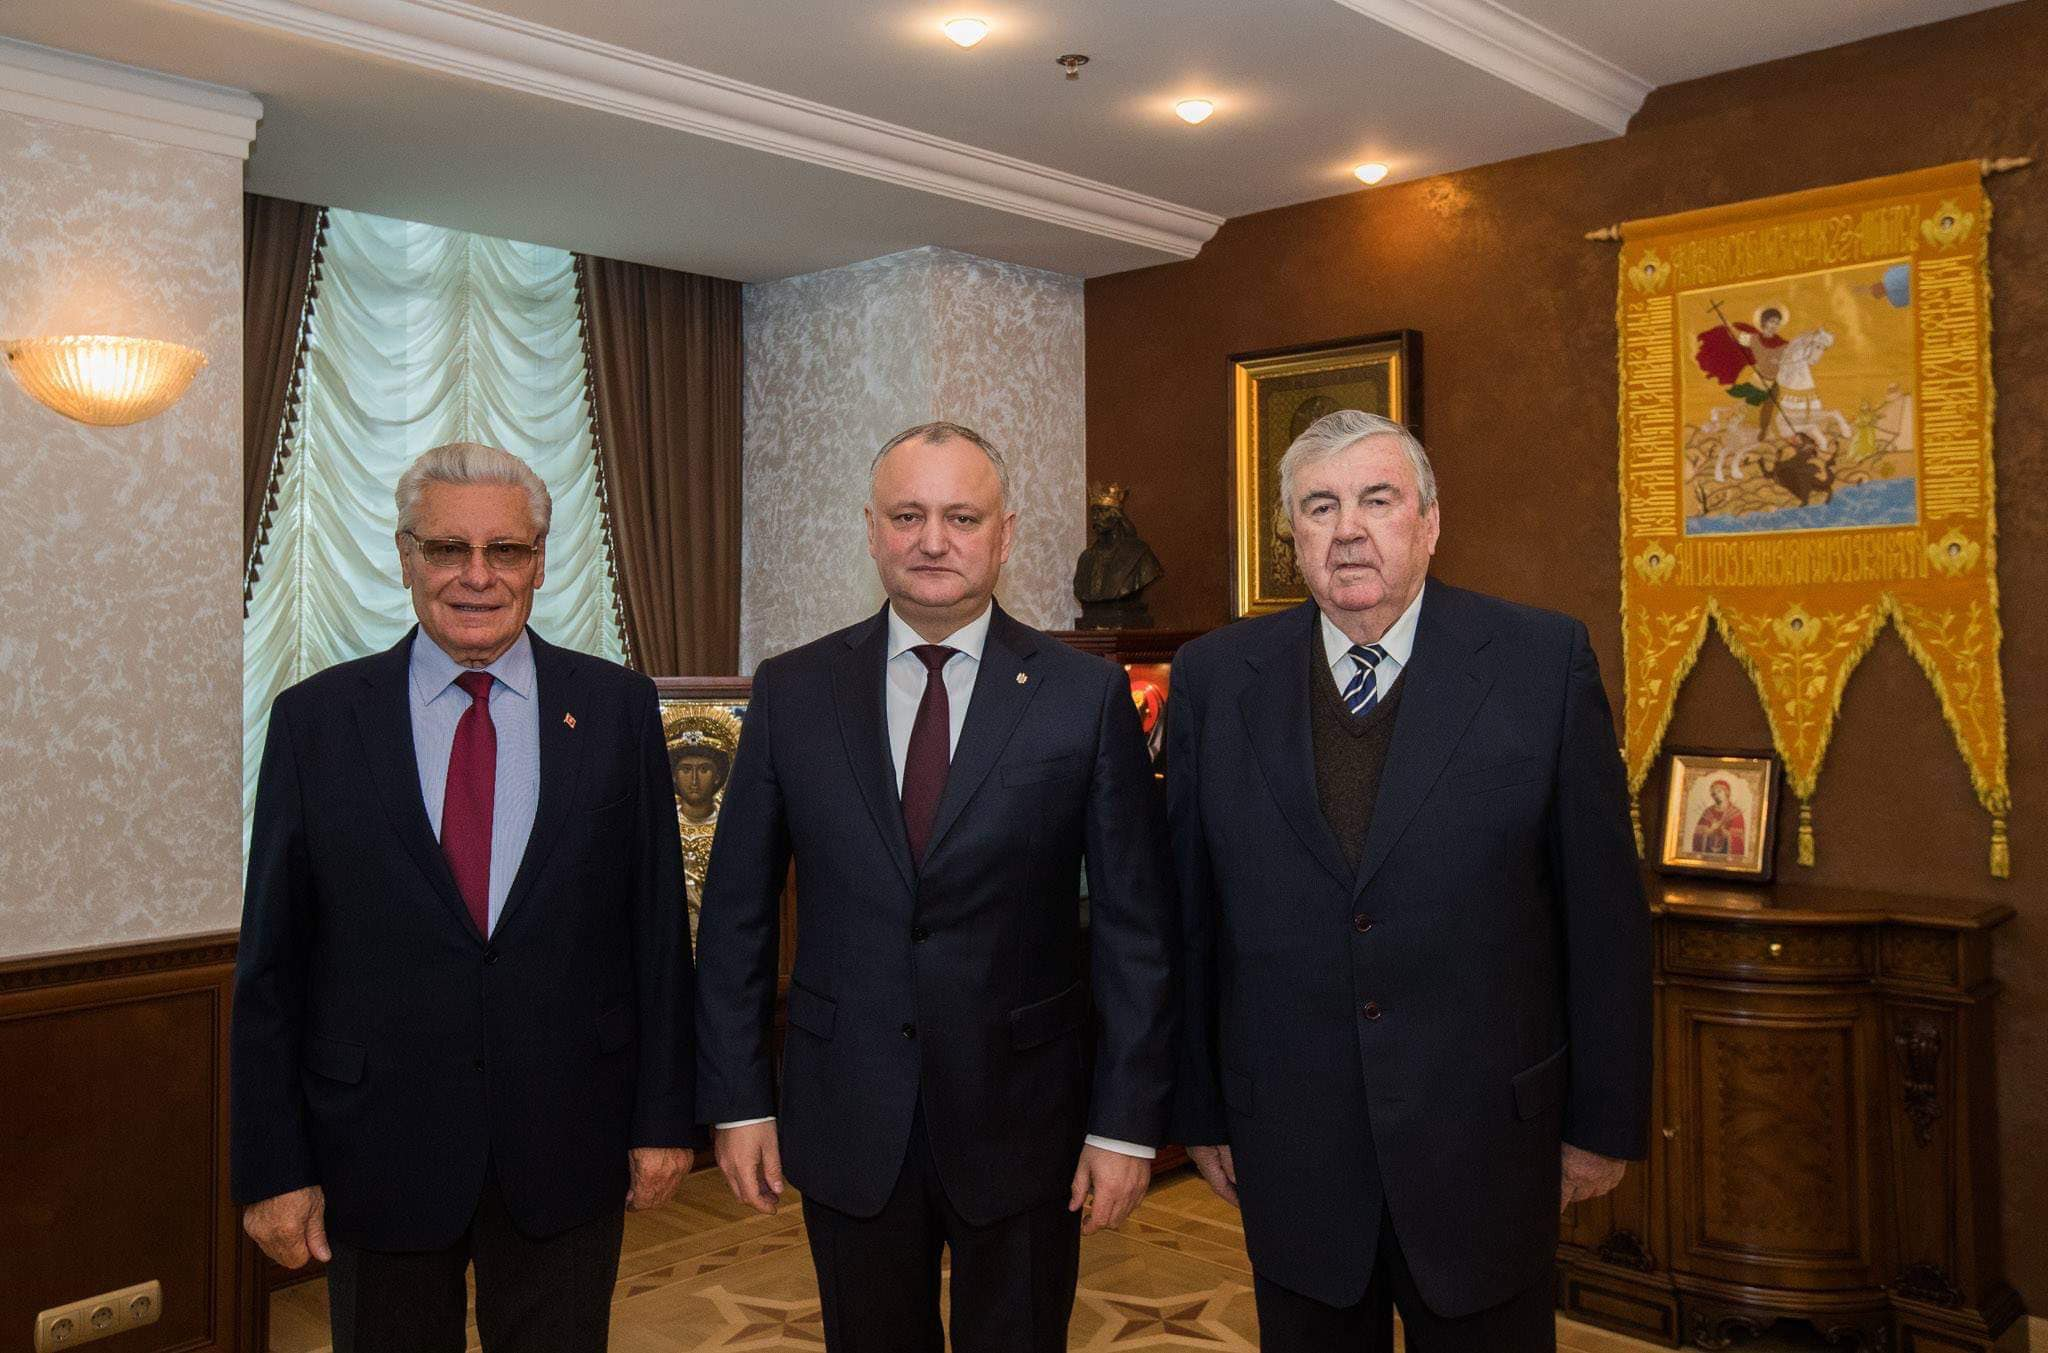 Сказано – сделано: Додон пригласил в отремонтированную президентуру своих предшественников (ФОТО)